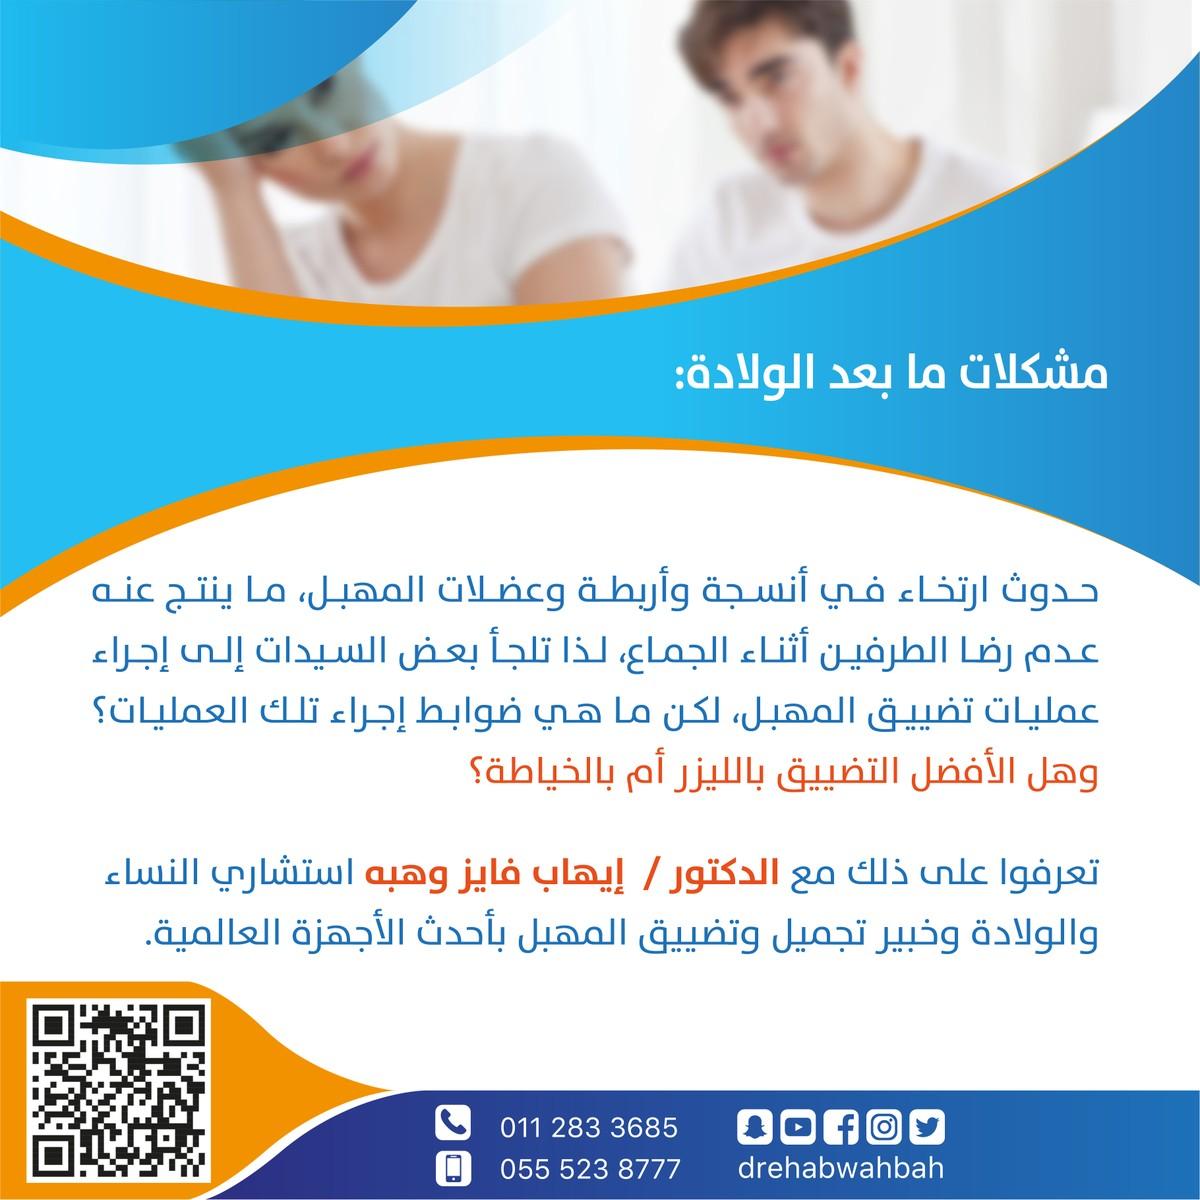 حافظي شبابك وانوثتك: